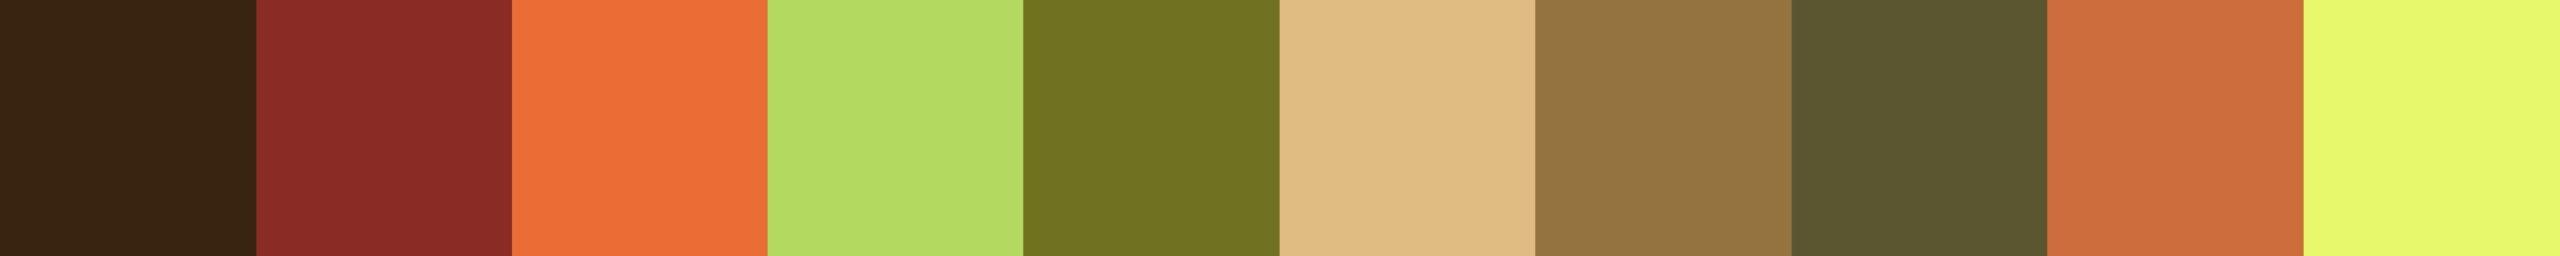 639 Rivafrela Color Palette